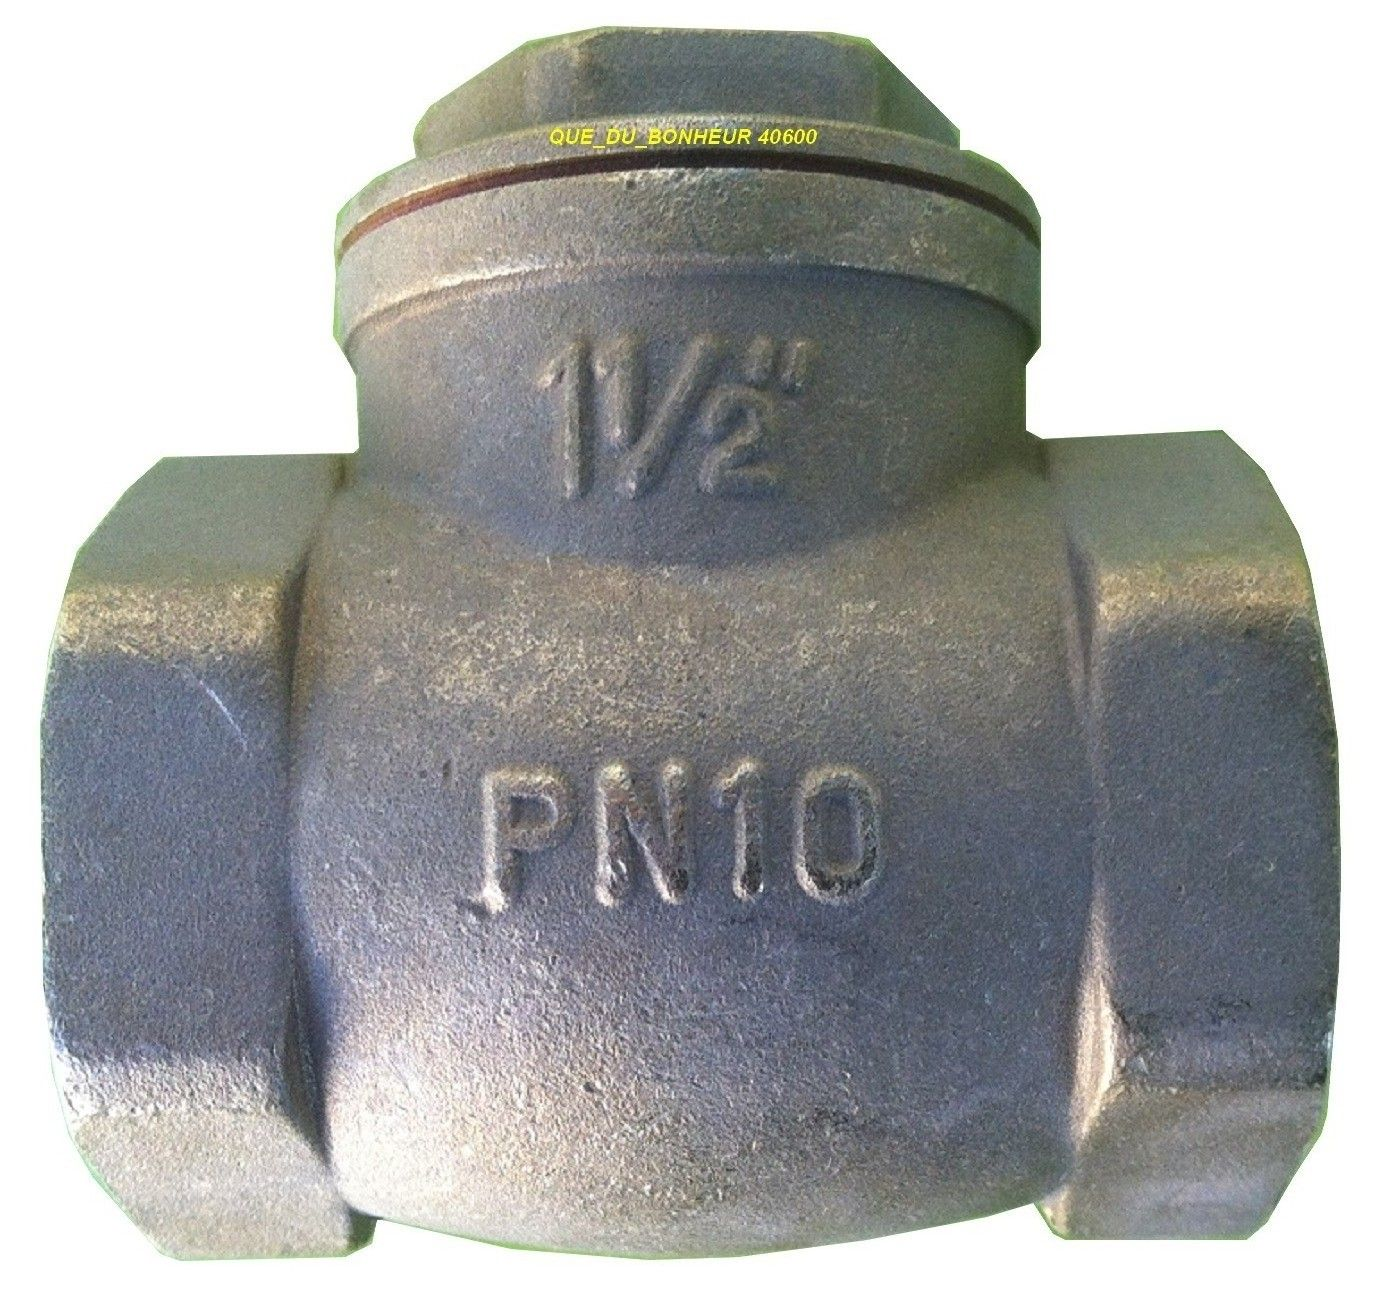 installation de vanne de retour d'eau s'il vous plaît aviser comment procéder